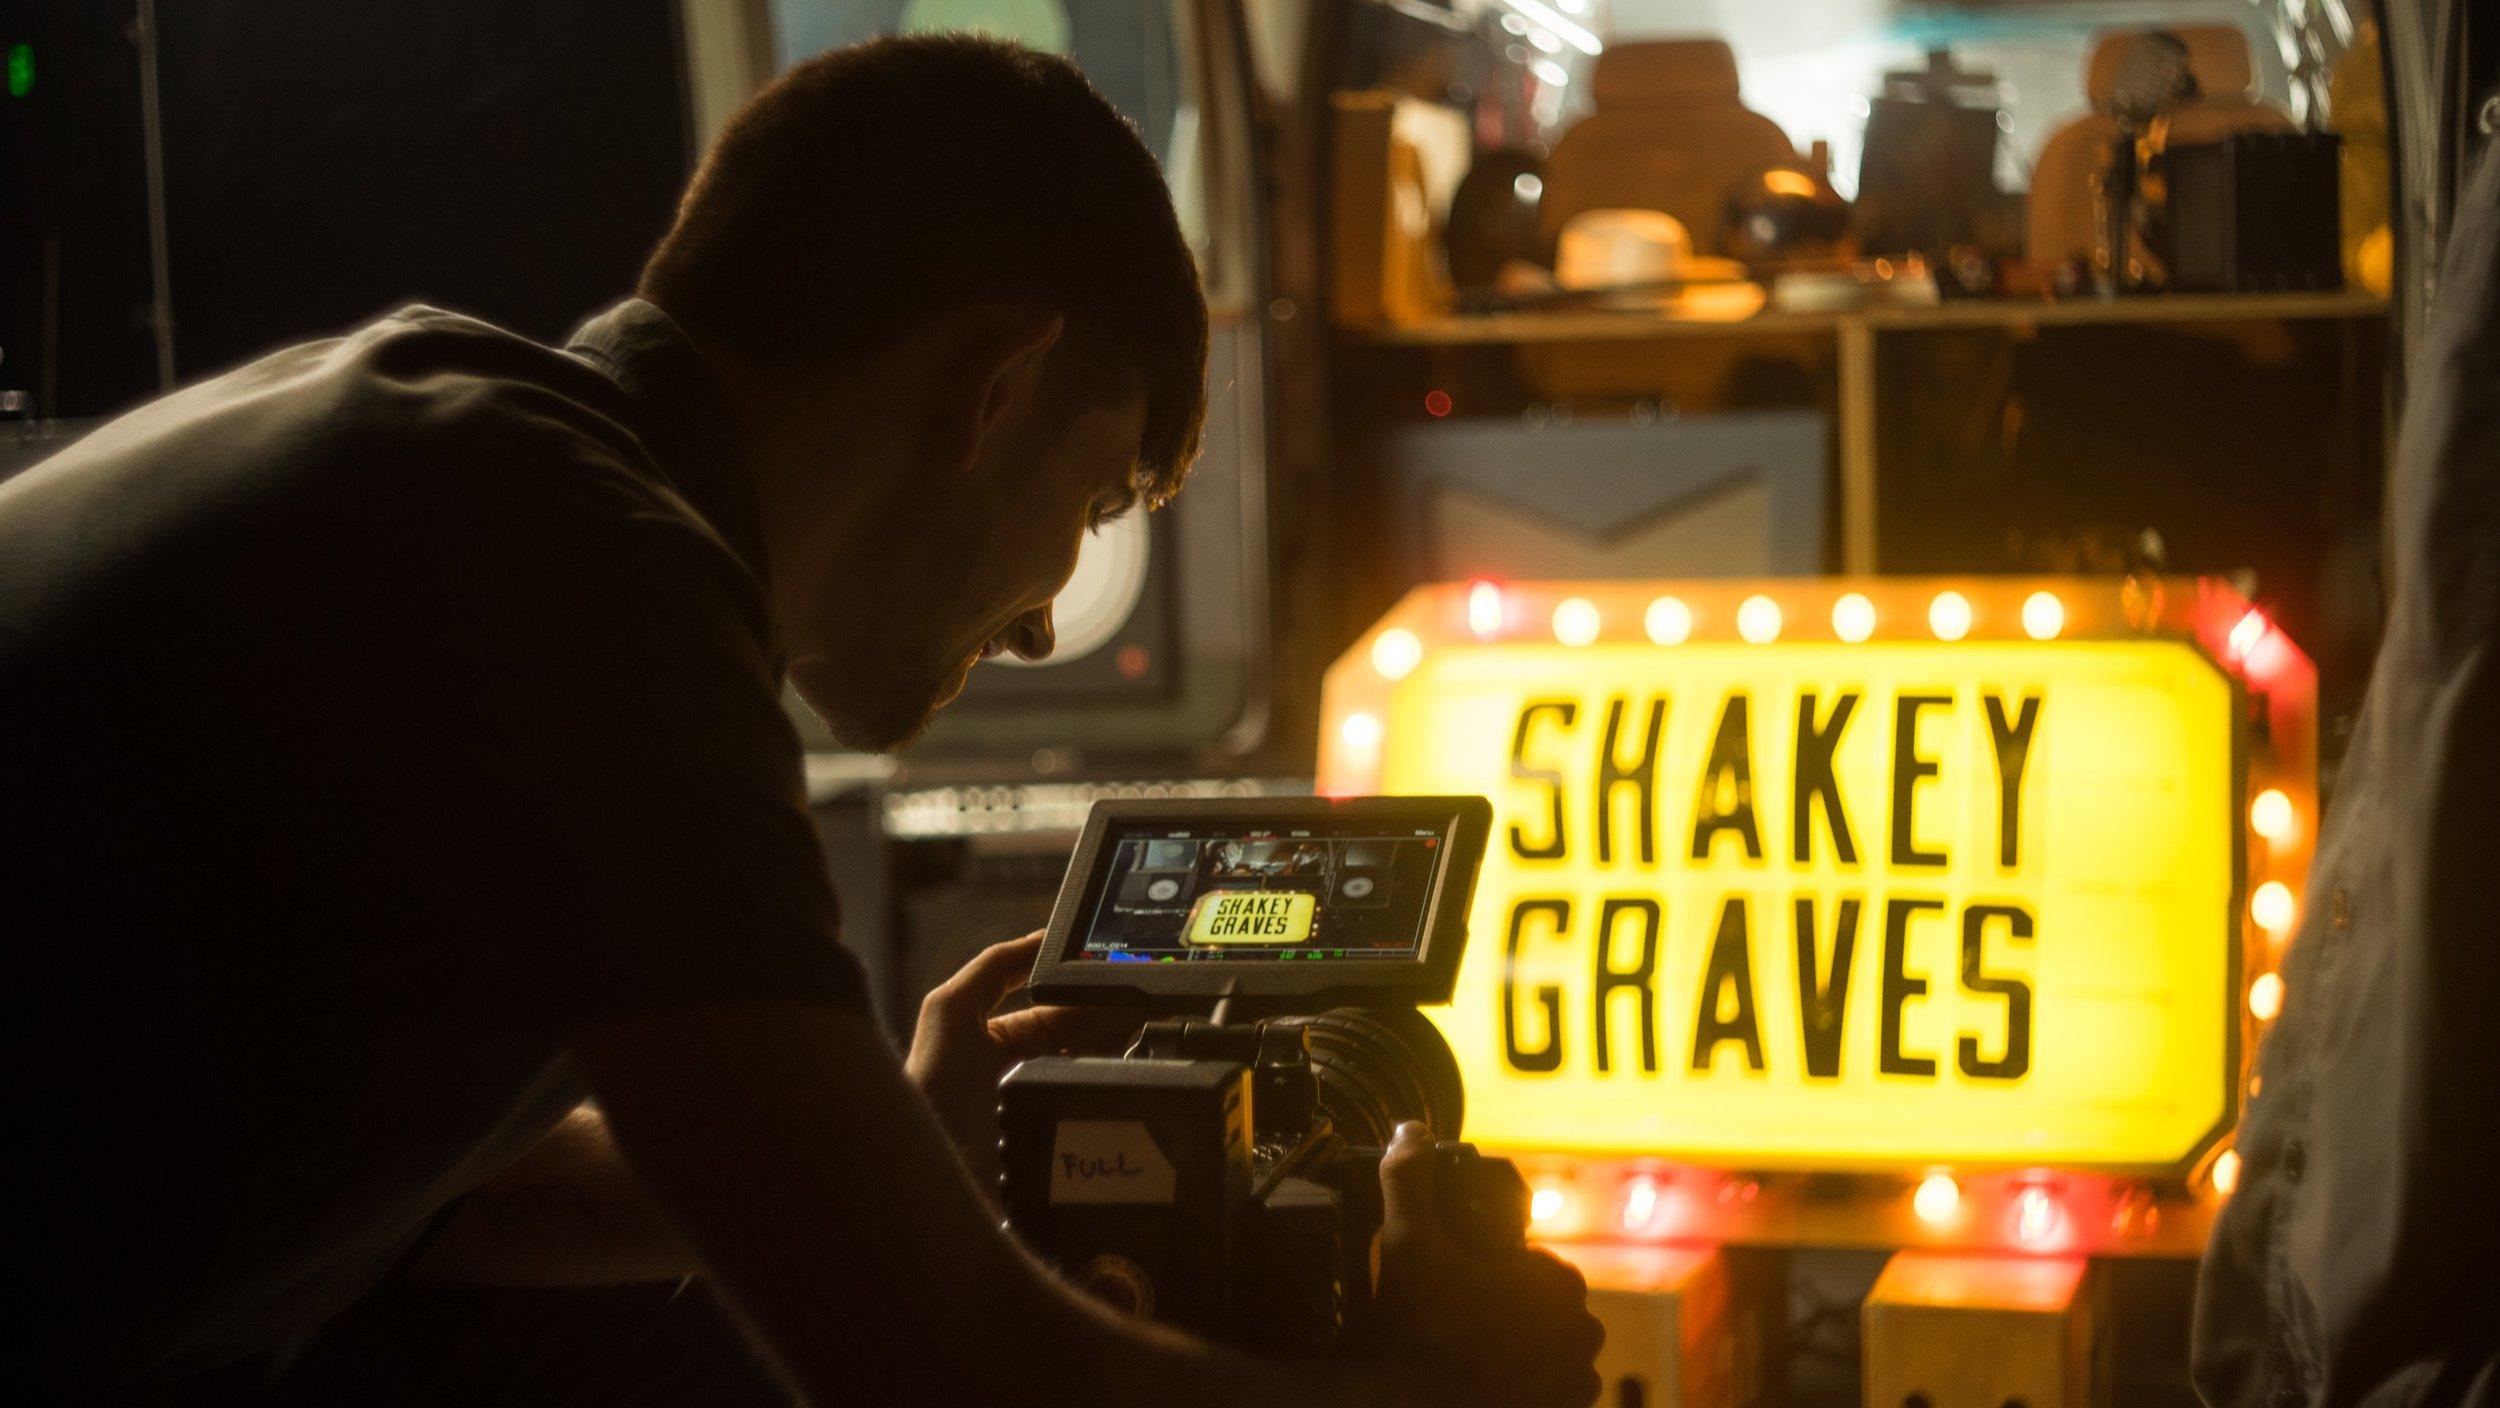 shakey bts-115-2.jpg